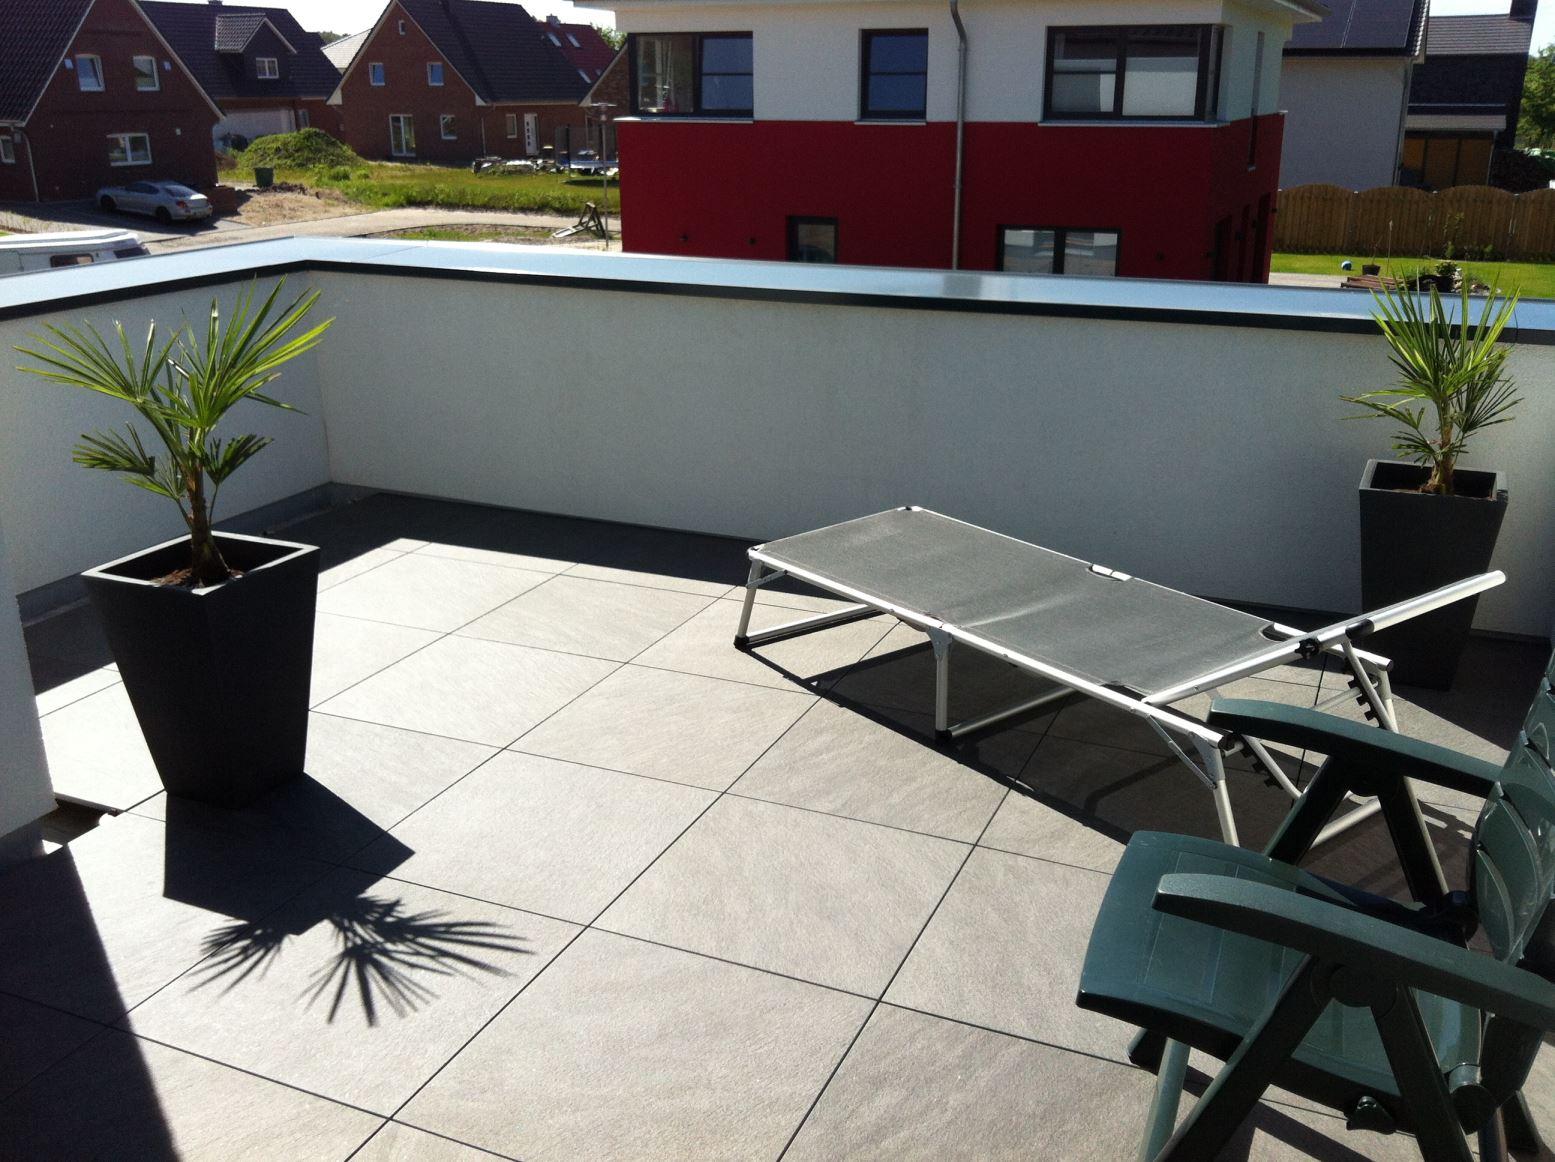 Haus Mit Dachterrasse Bauen ich baue ein haus bautagebuch bau der dachterrasse fast abgeschlossen